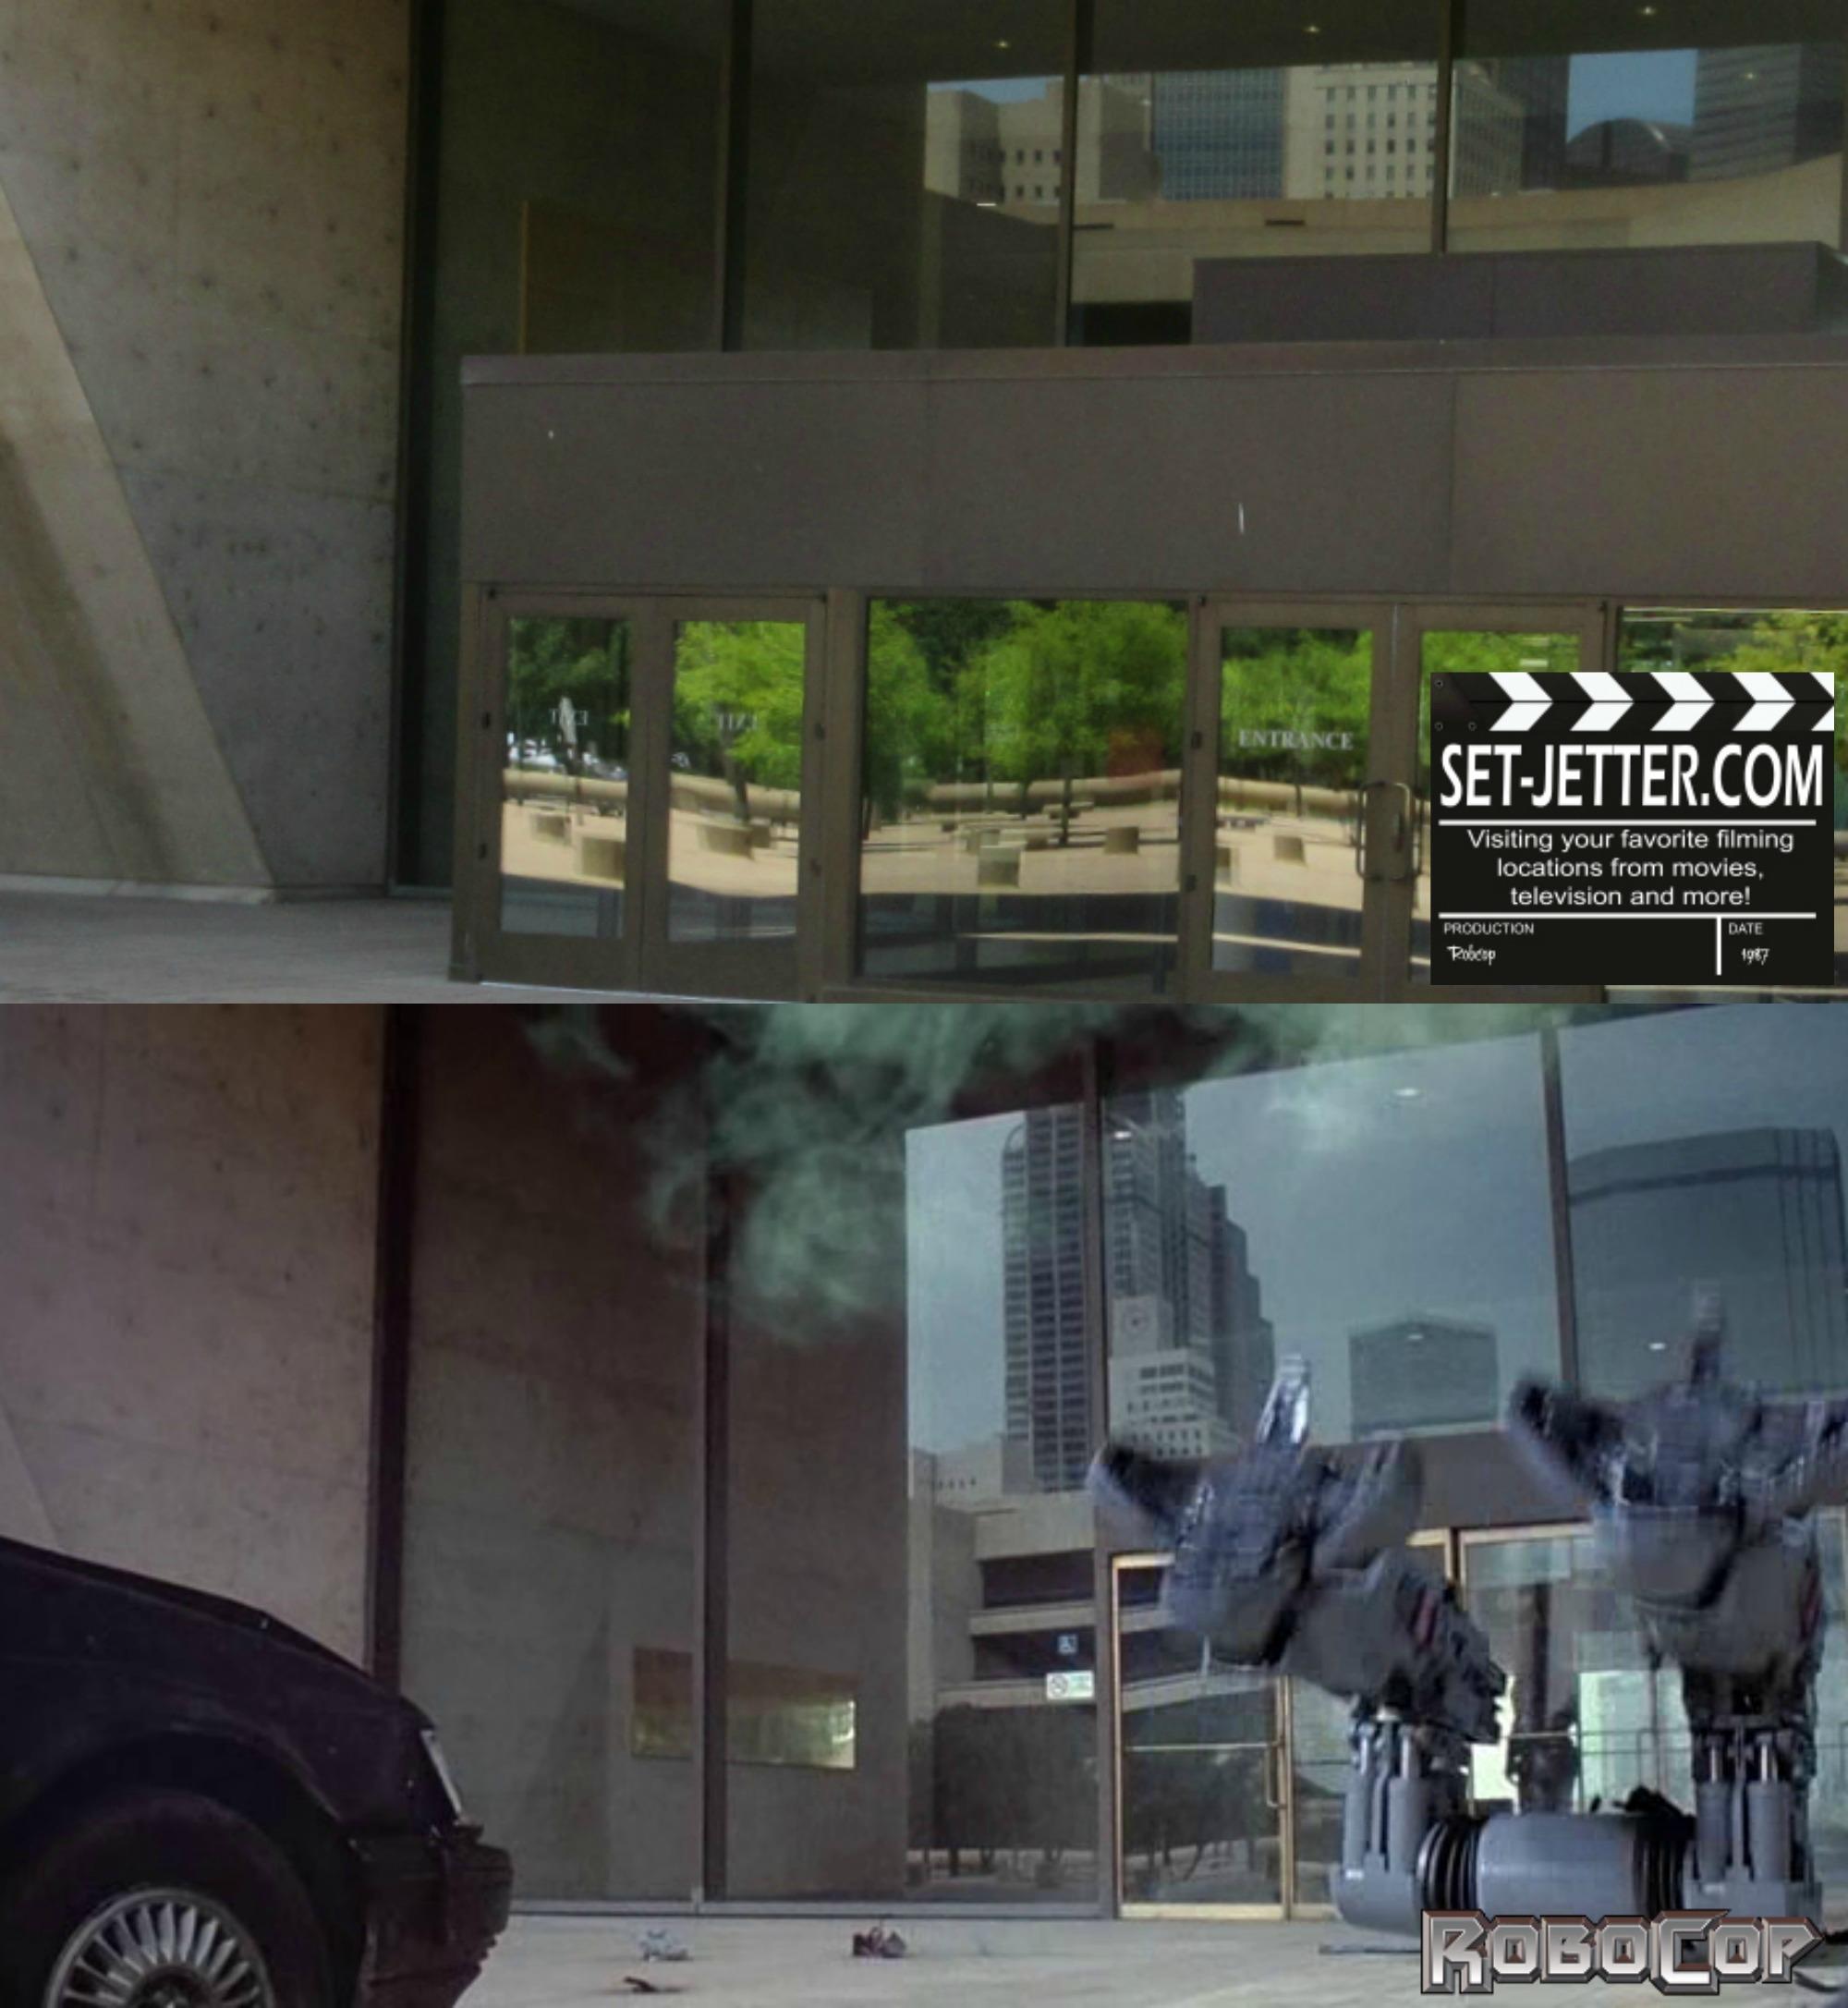 Robocop comparison 180.jpg